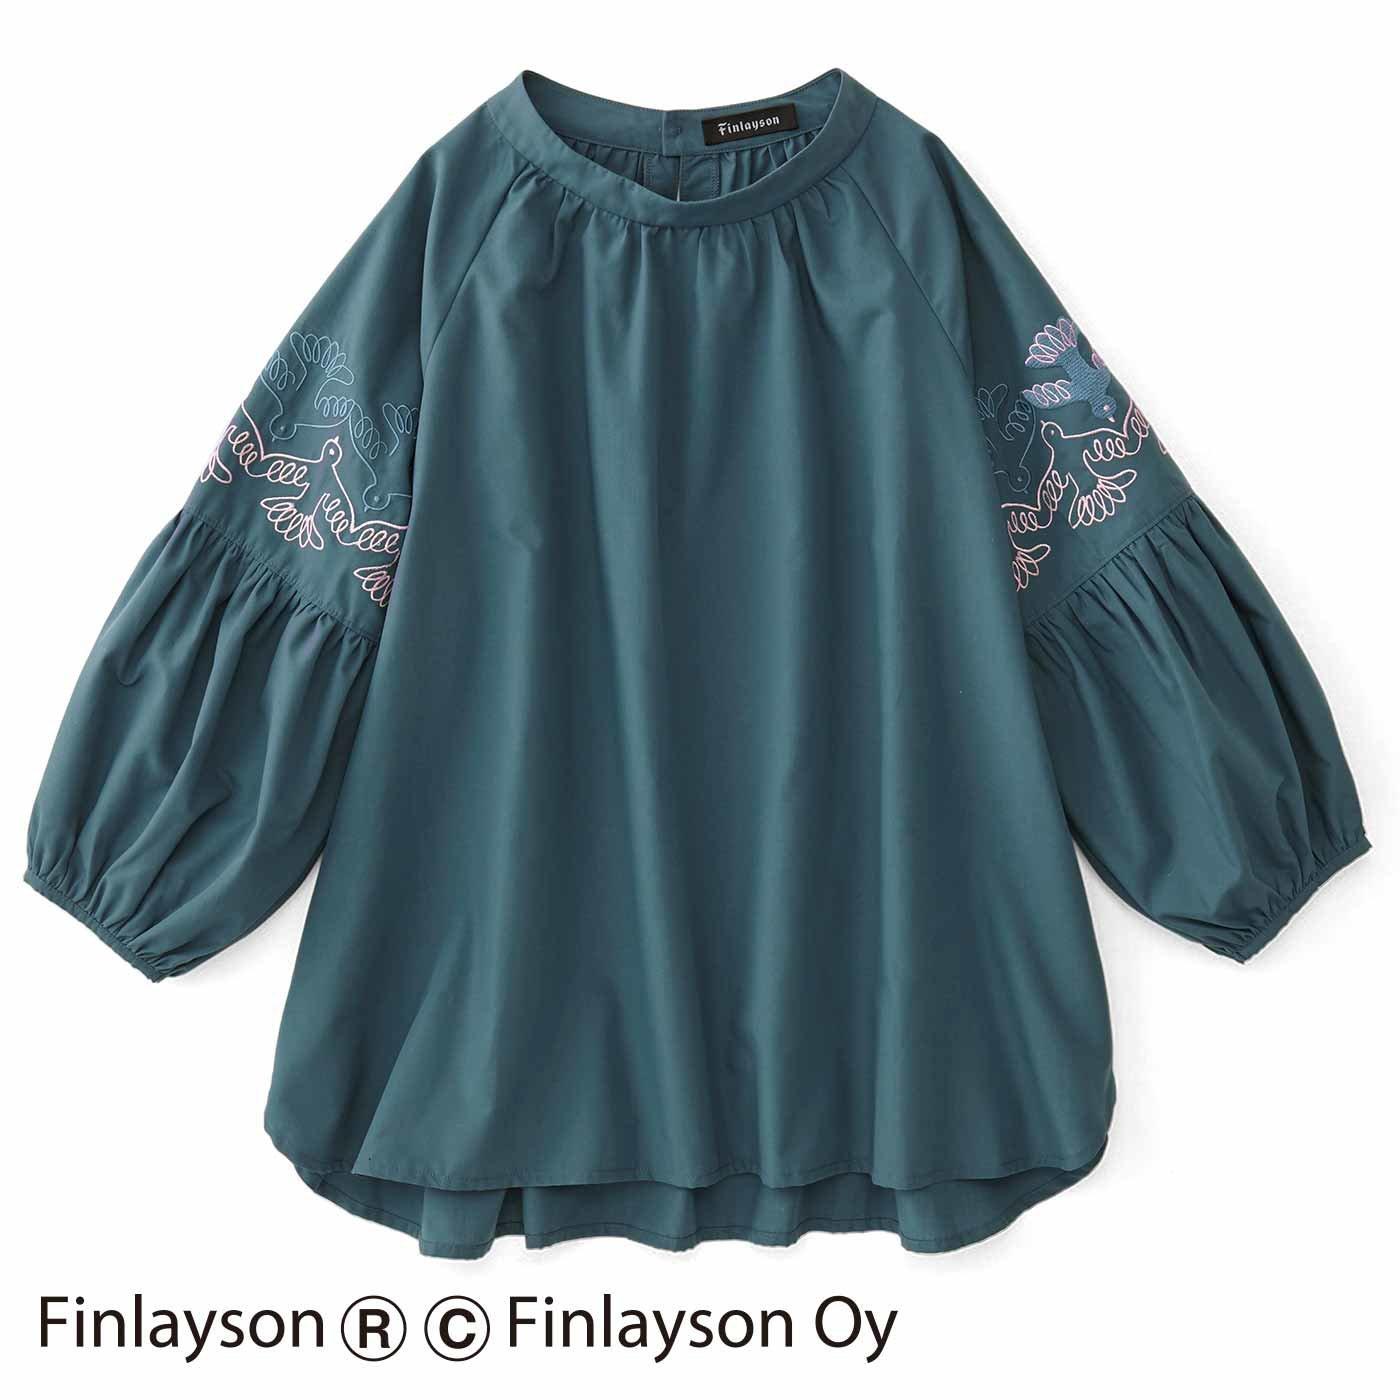 フィンレイソン 刺しゅうかわいいボリューム袖トップス〈ムート〉